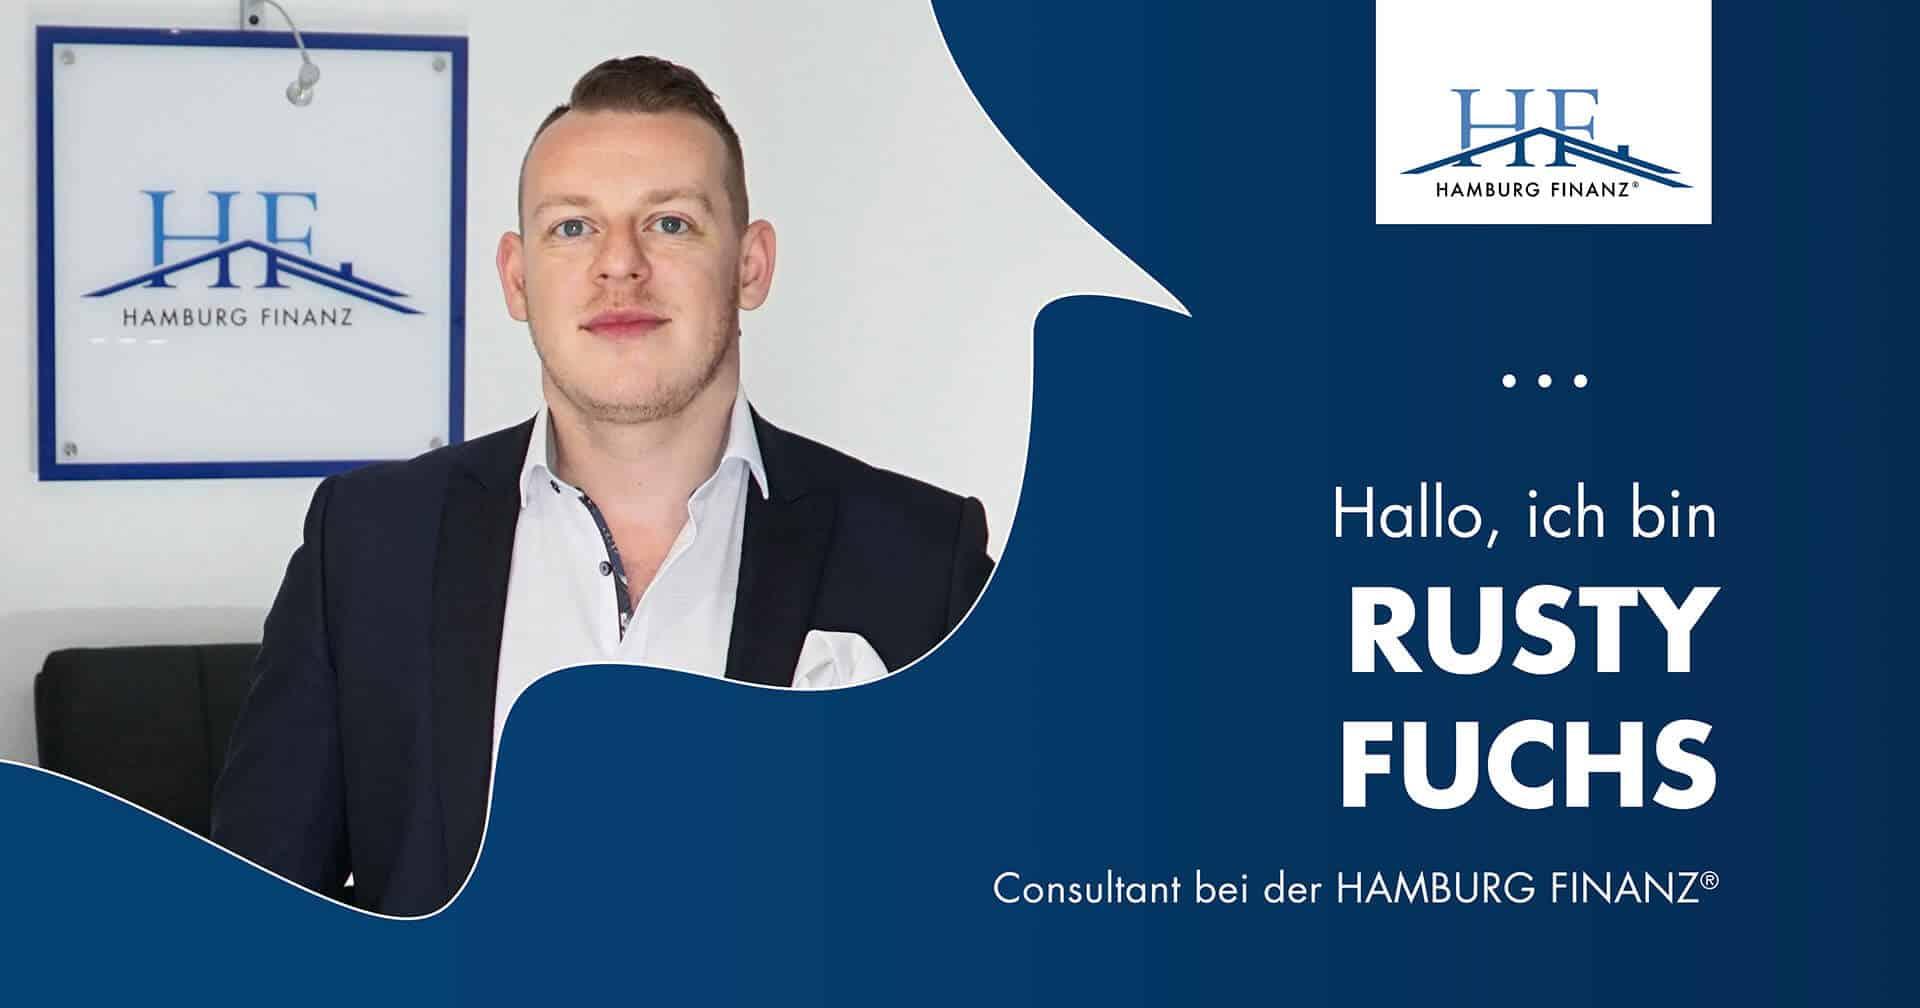 Rusty Fuchs #TeamHamburgFinanz